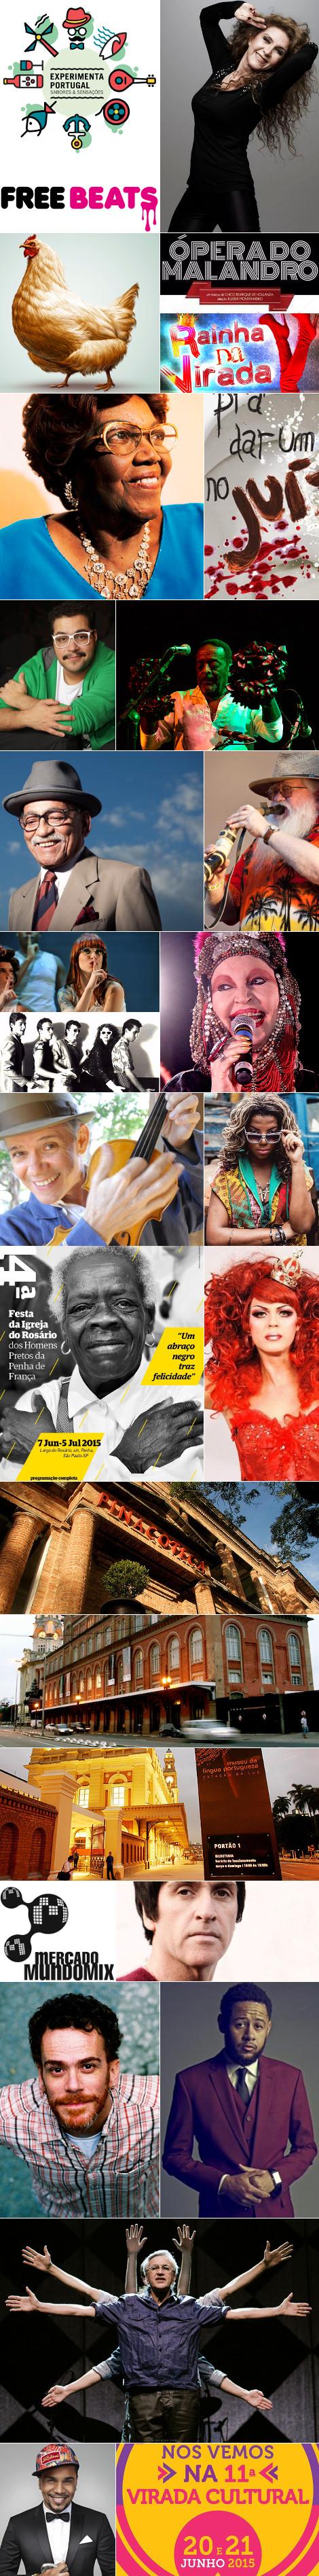 Com um mês de atraso, a 11ª edição da Virada Cultural ocorre neste fim de semana (20 e 21/6) na cidade de São Paulo. Gratuito, o evento oferece mais de 1.500 atrações. Na imagem interativa abaixo, veja as minhas 34 apostas para aproveitar a festona...